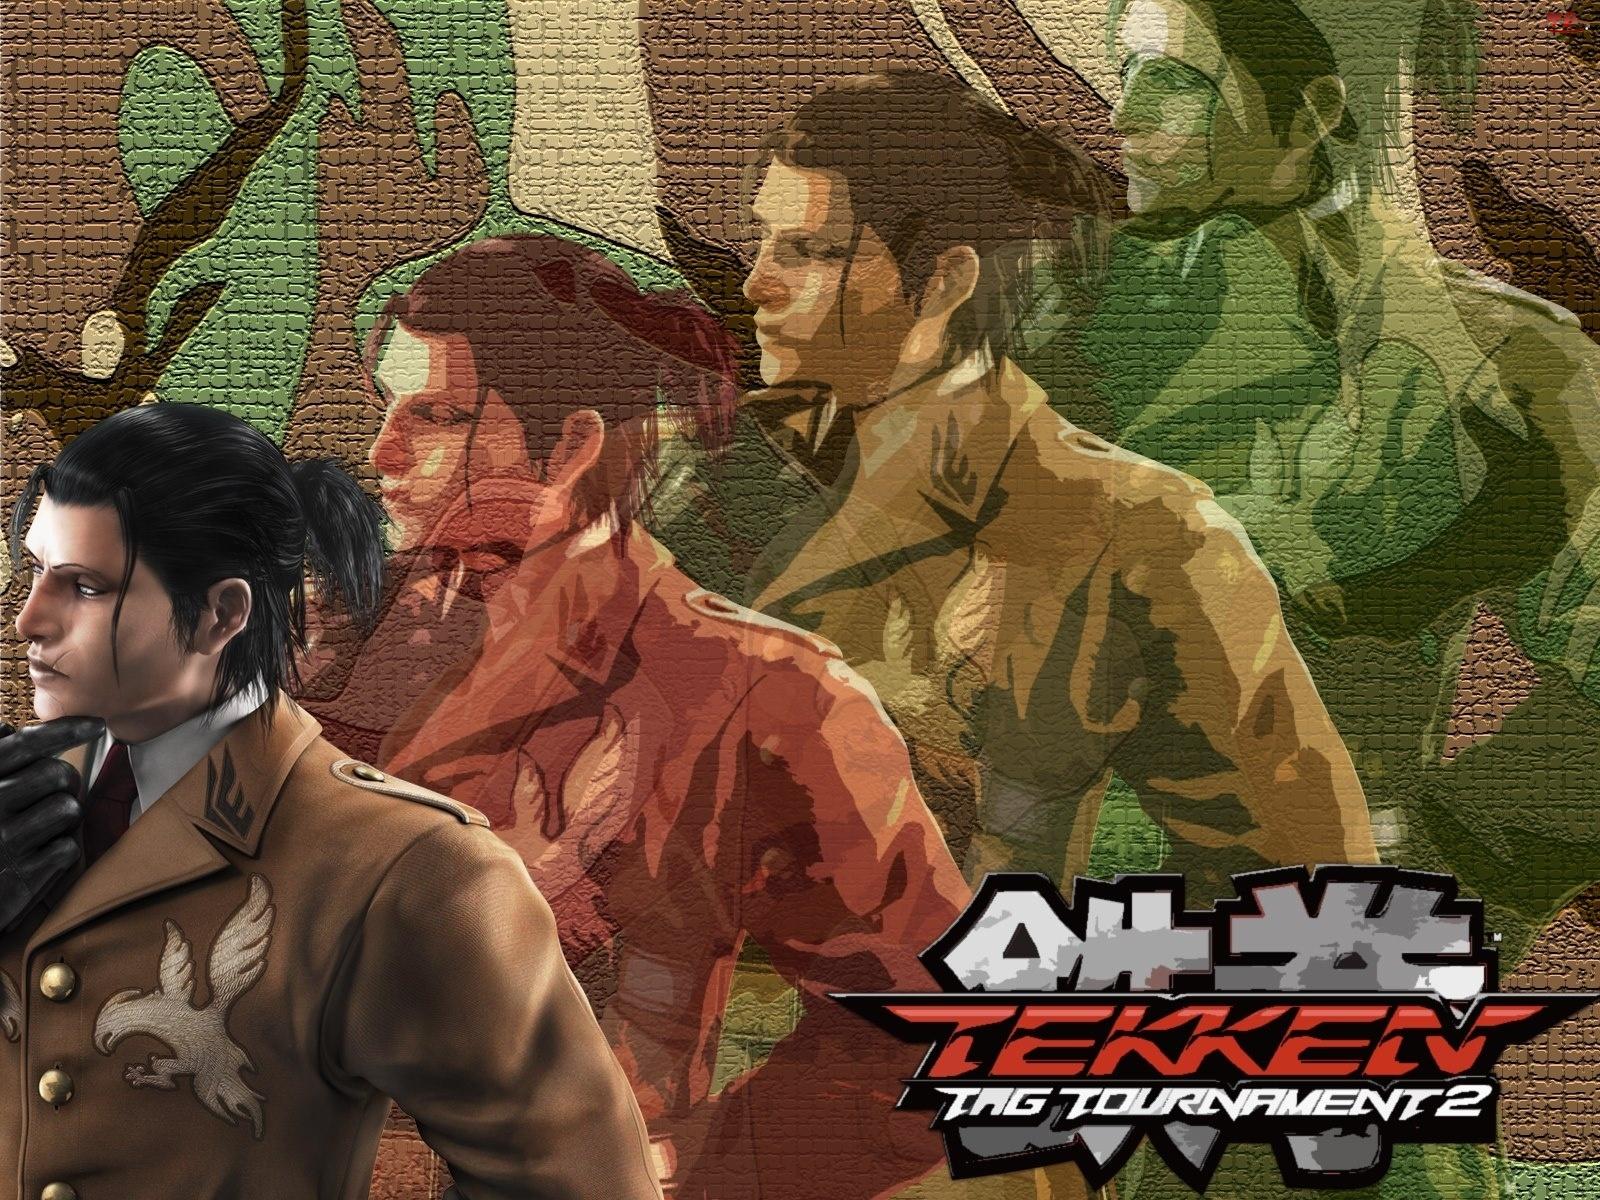 Dragunov, Tekken Tag Tournament 2